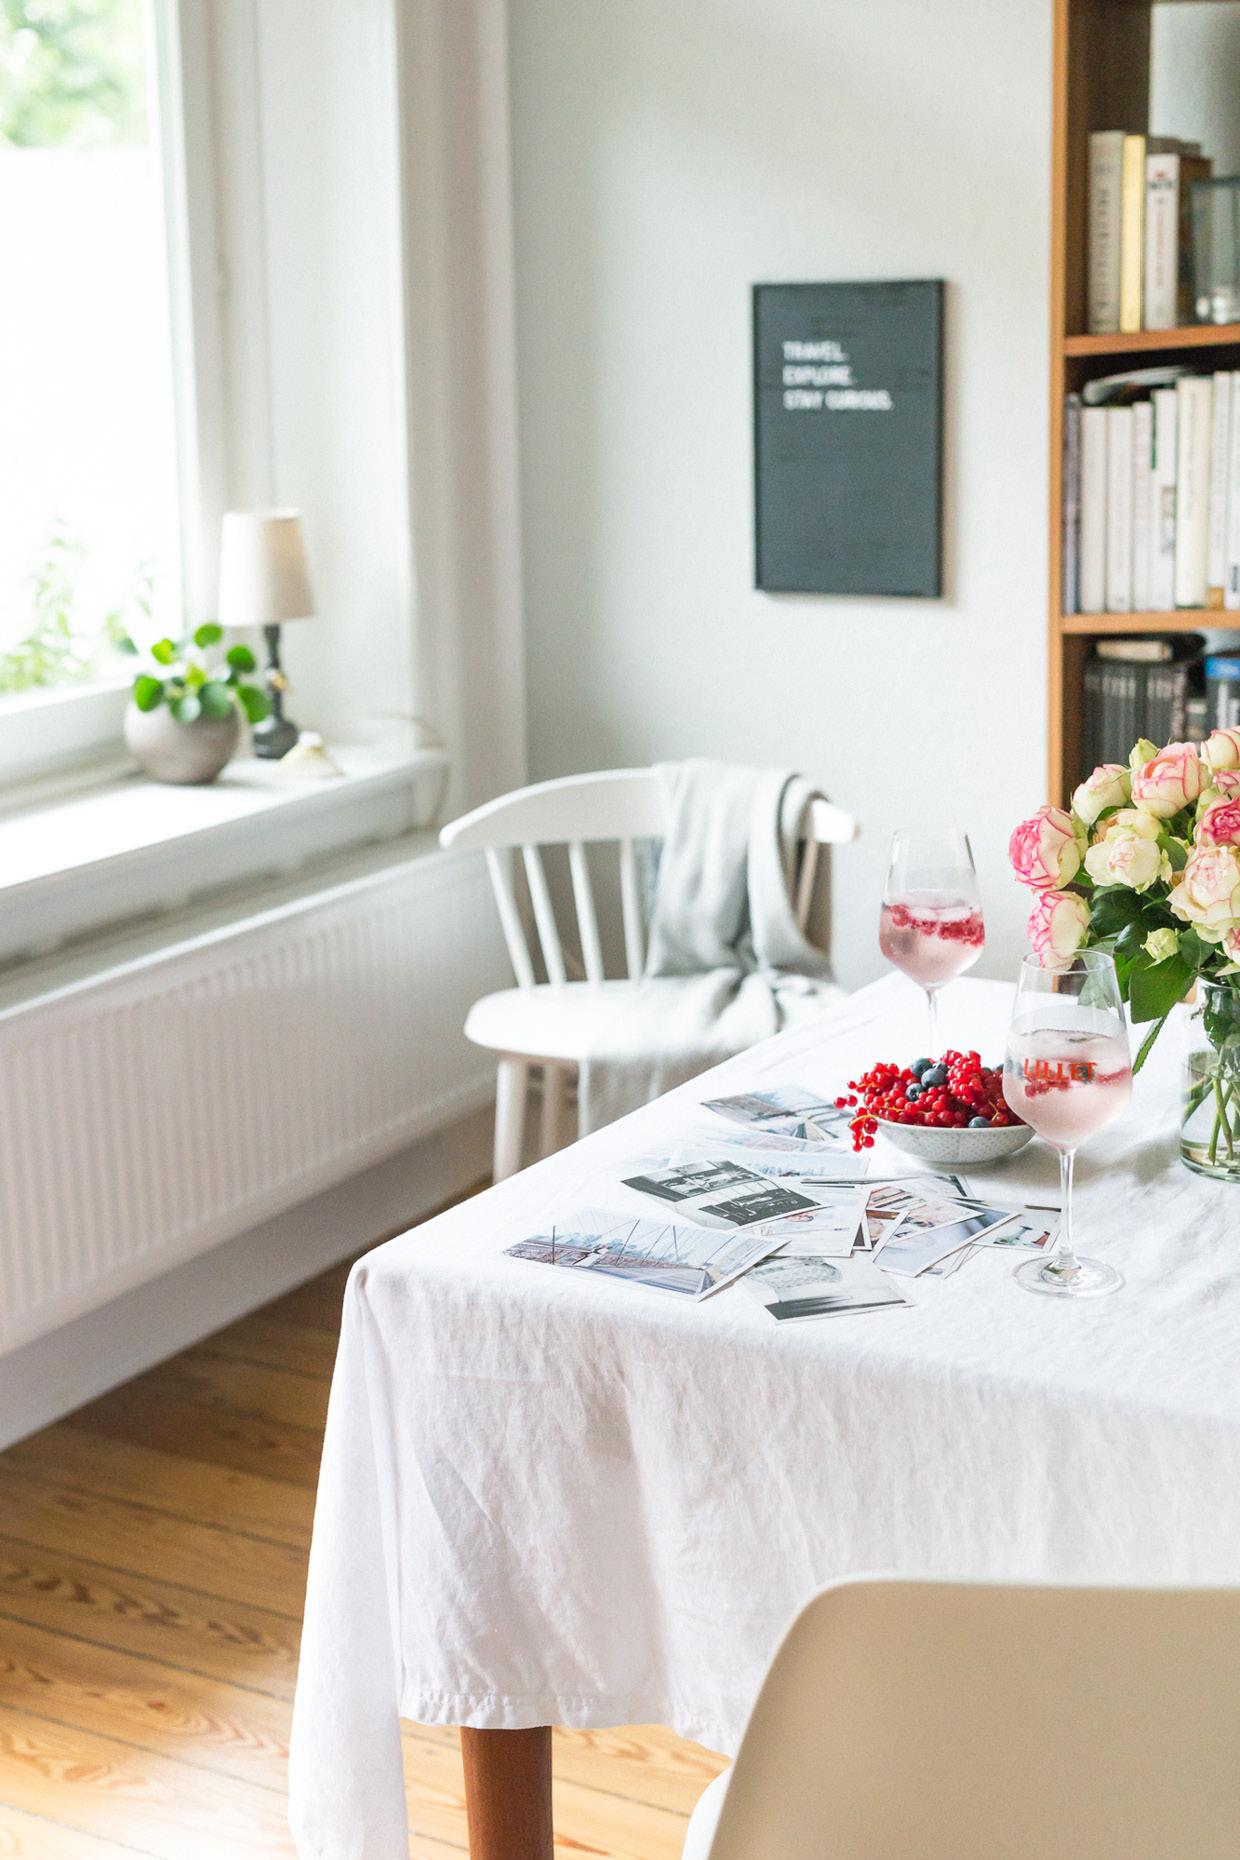 Altbau Rosen Esszimmer weiß Lillet